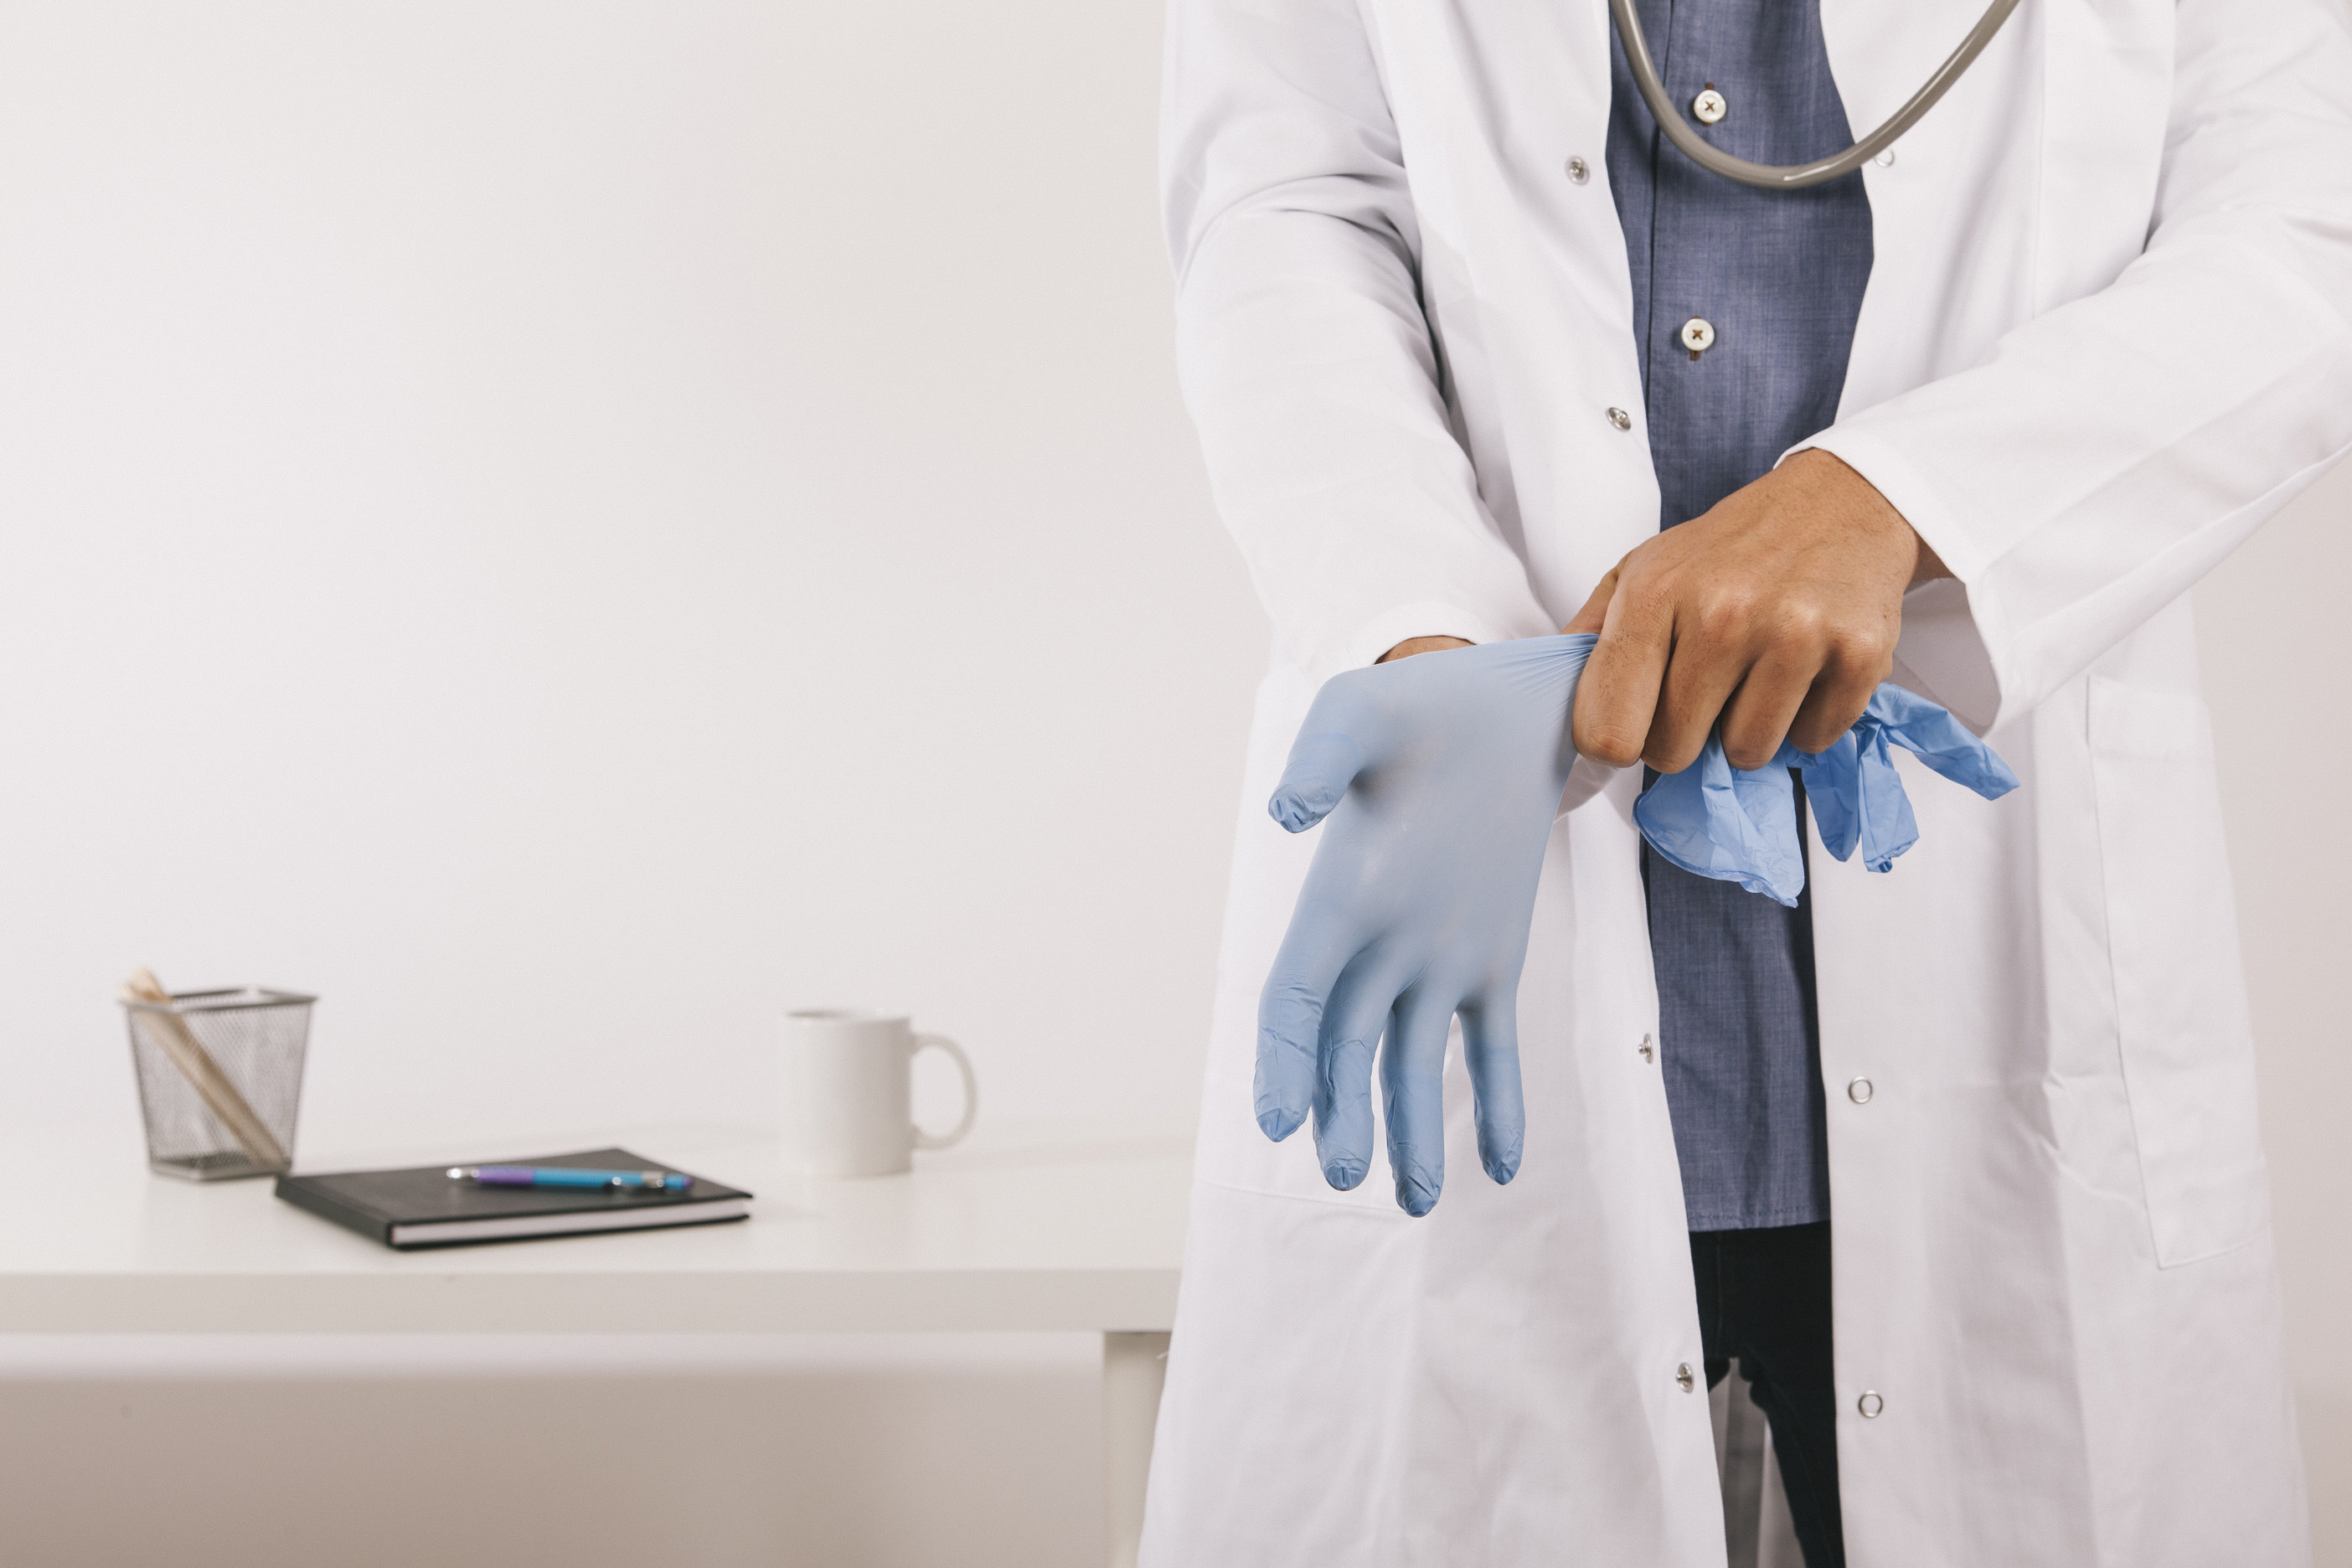 Subdomenii medicale in care poate profesa un asistent medical. Partea a 7-a